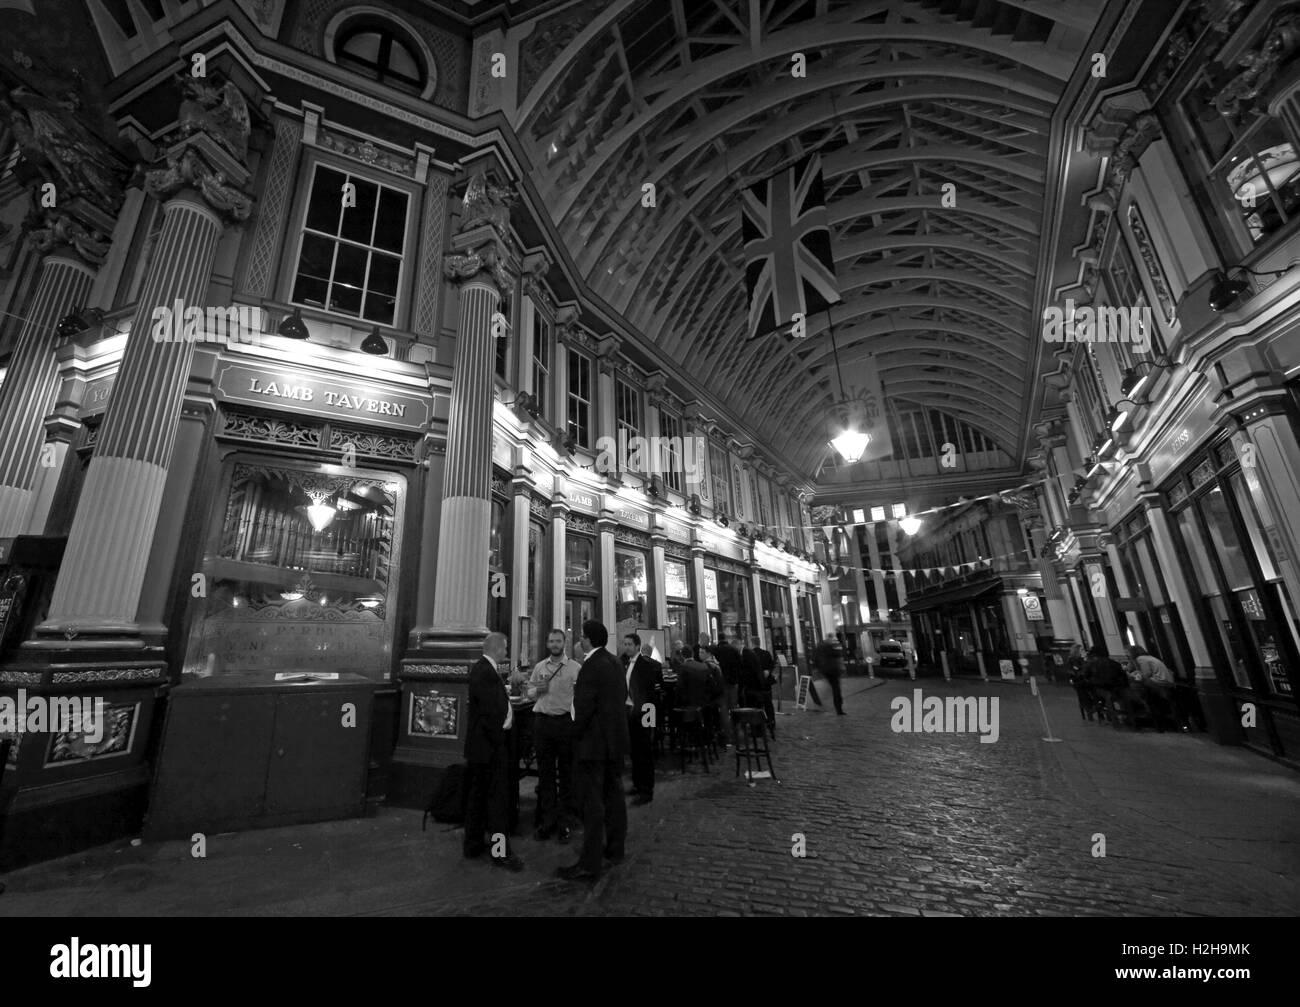 Laden Sie dieses Alamy Stockfoto Leadenhall Market in der Nacht, City Of London, England, UK - Panorama s/w - H2H9MK